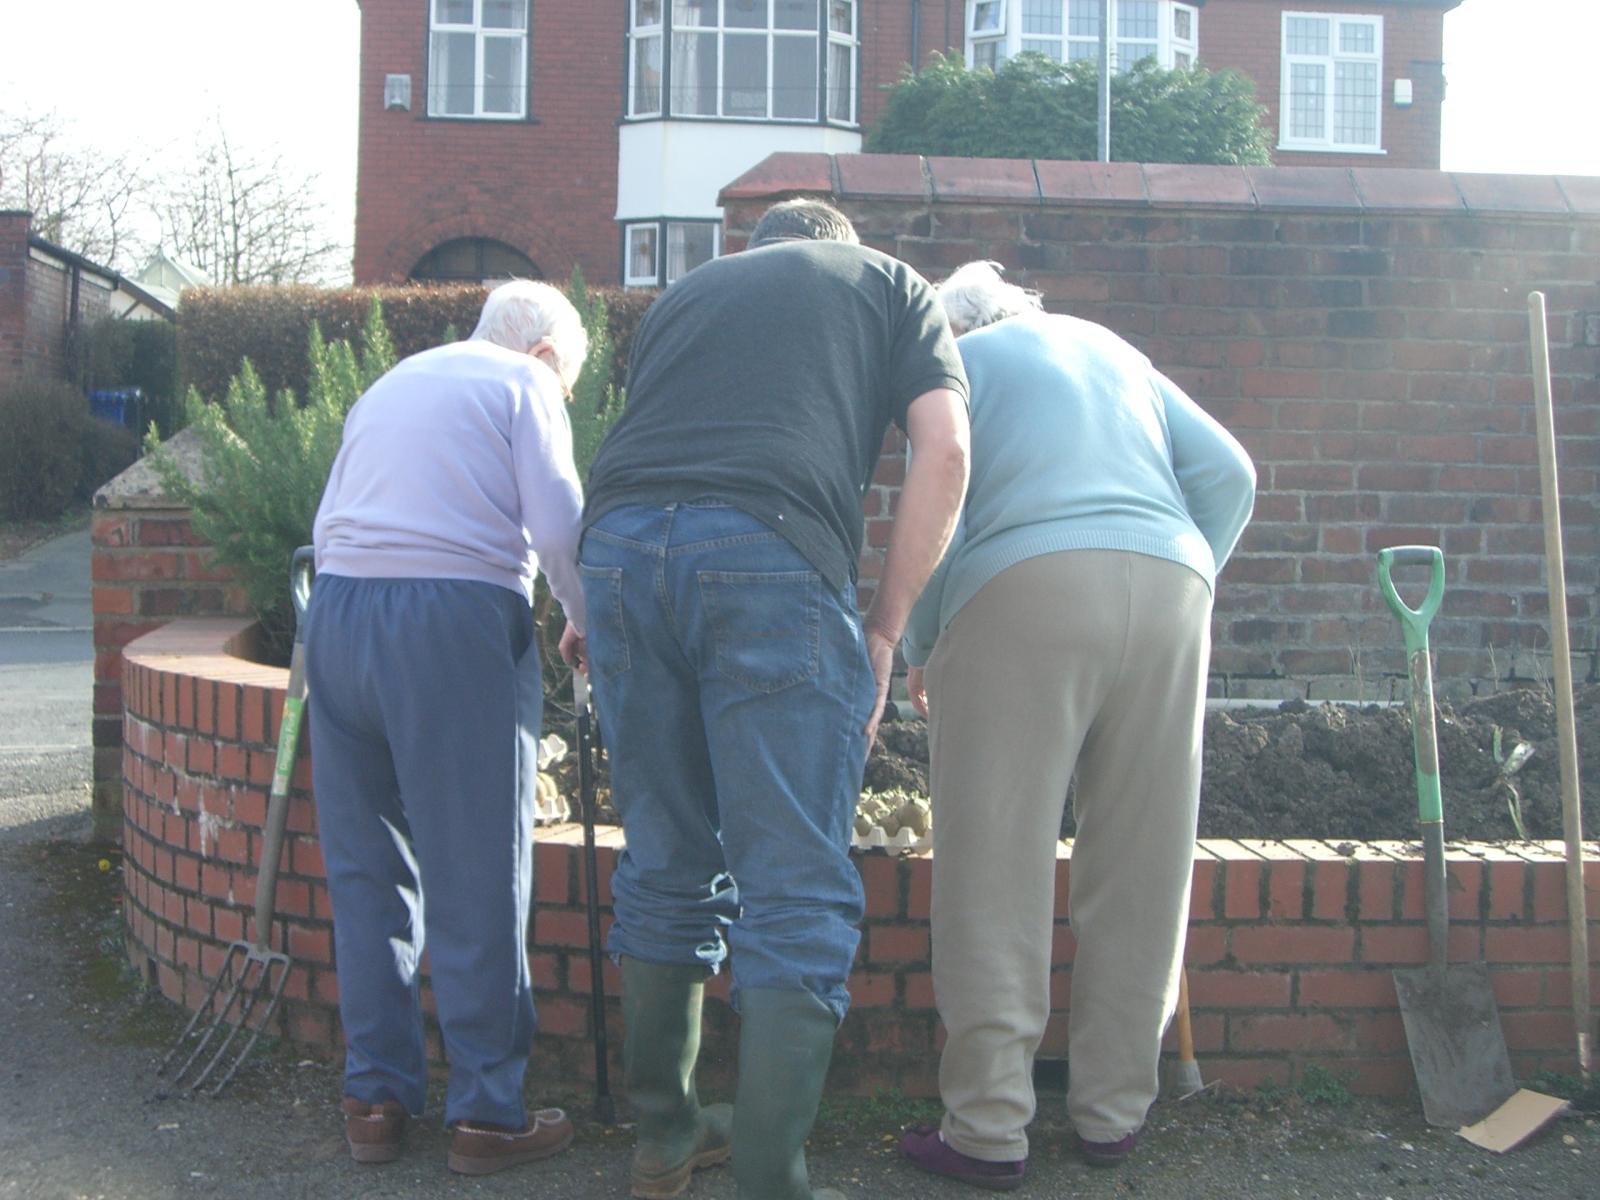 Auden_residents gardening